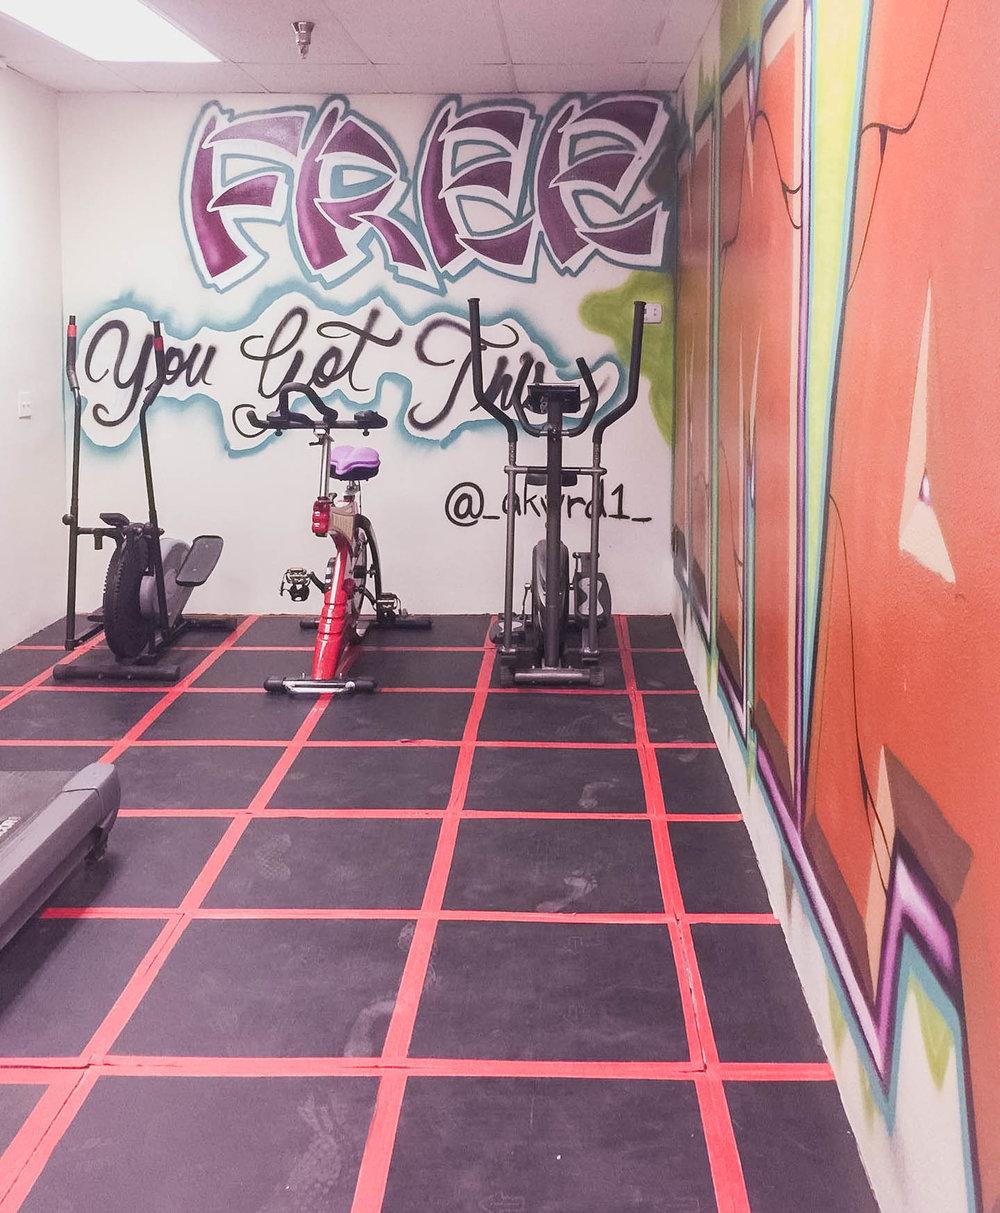 mma-gym-12.jpg